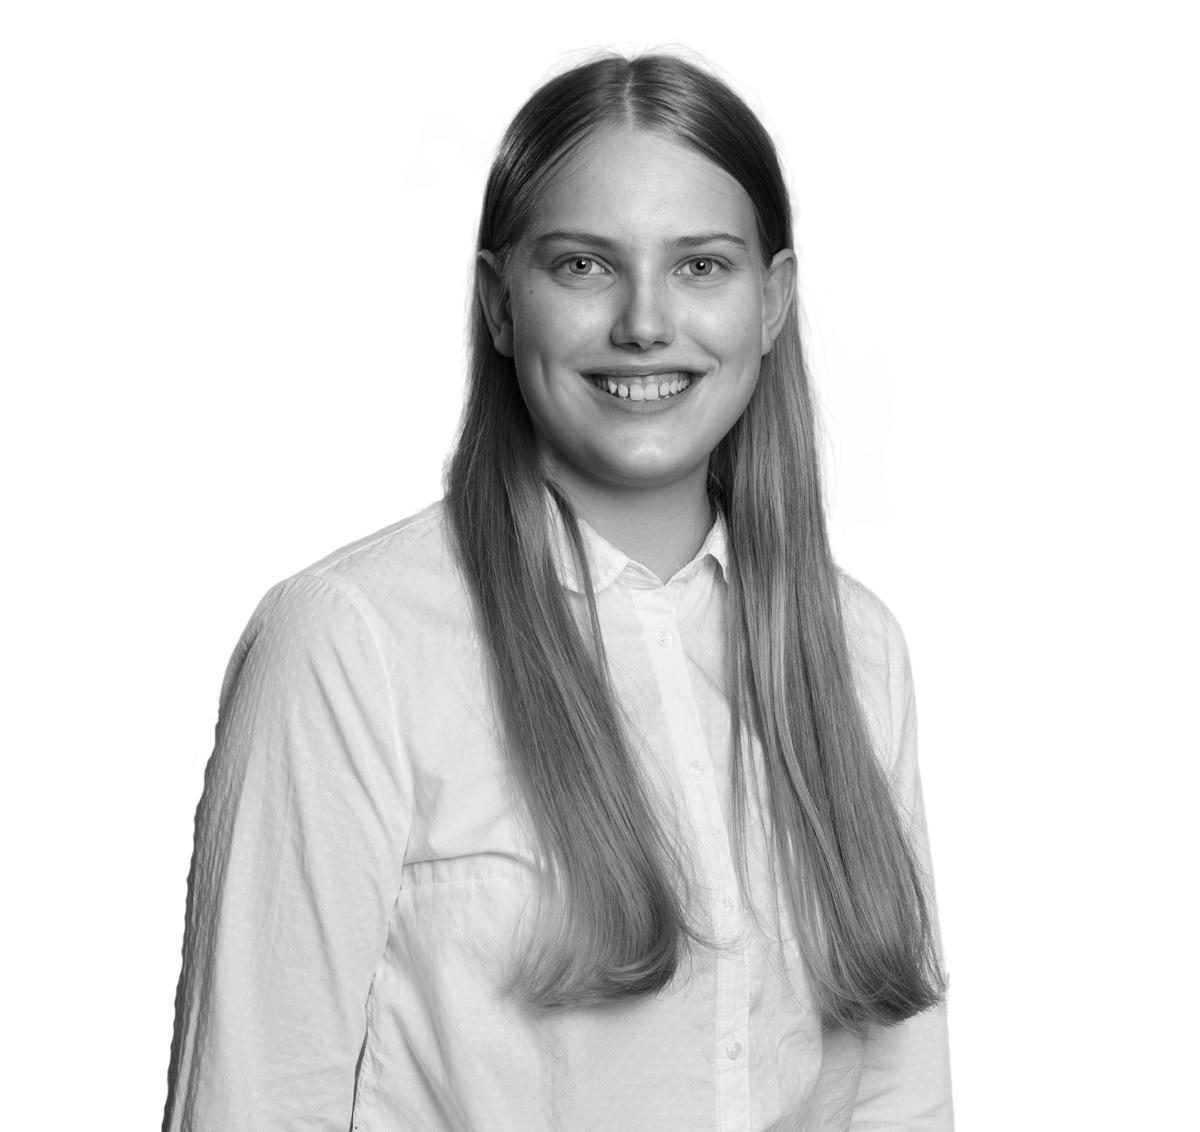 Kirsten Timm